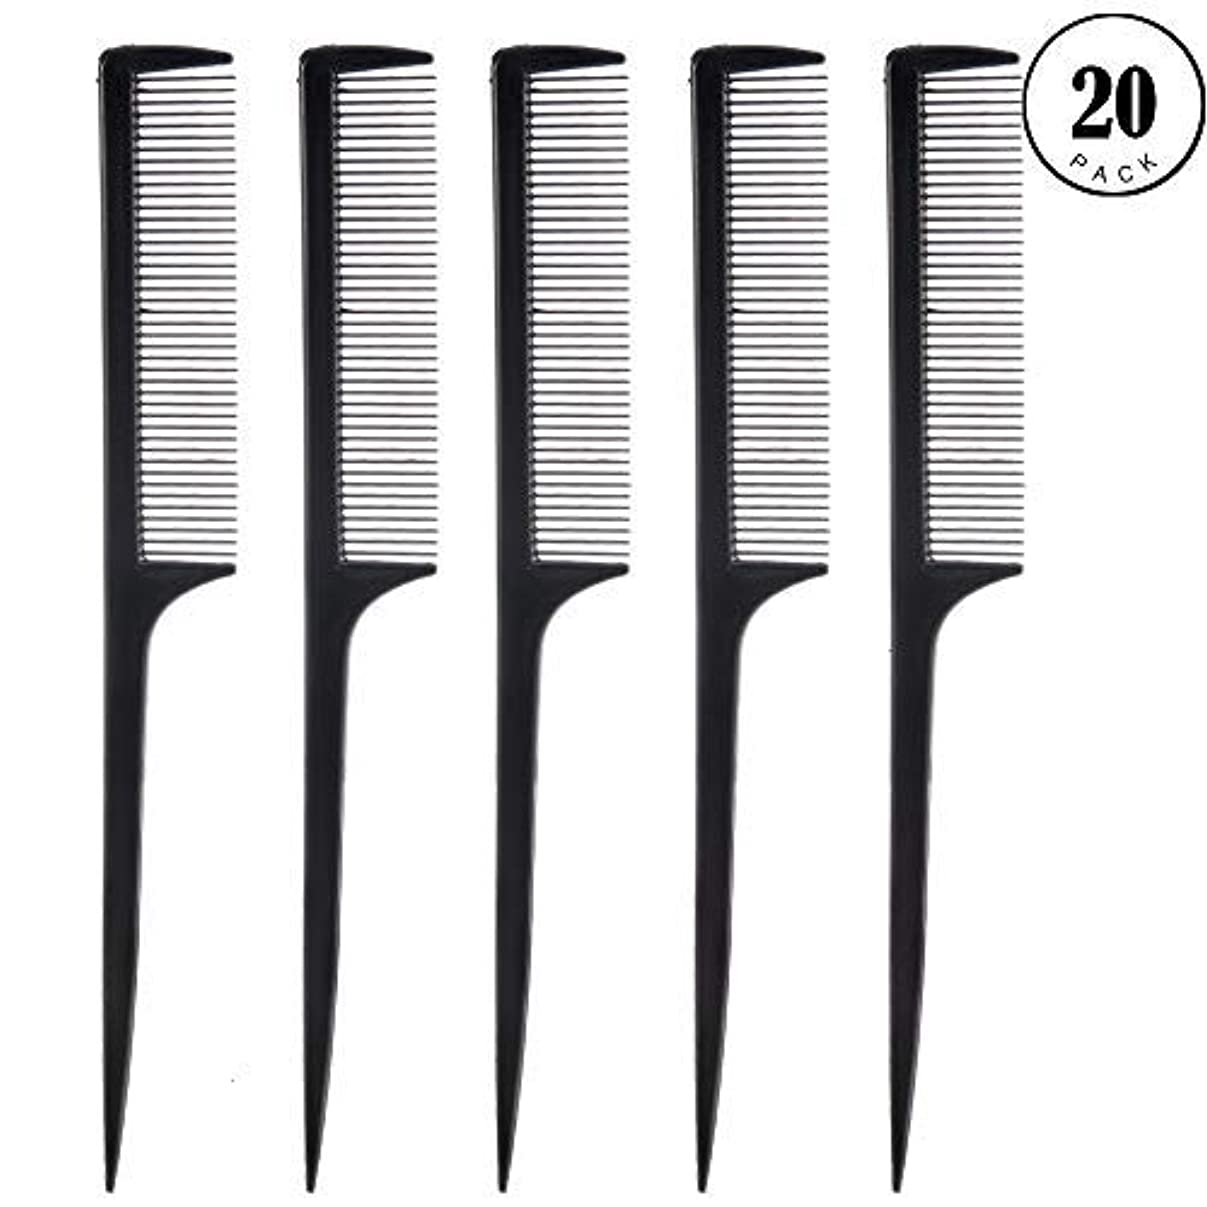 ぬれた成り立つ膜Feeko Comb, 20 Pieces 21CM Plastic Lightweight Rat Tail Comb All Hair Types Black [並行輸入品]